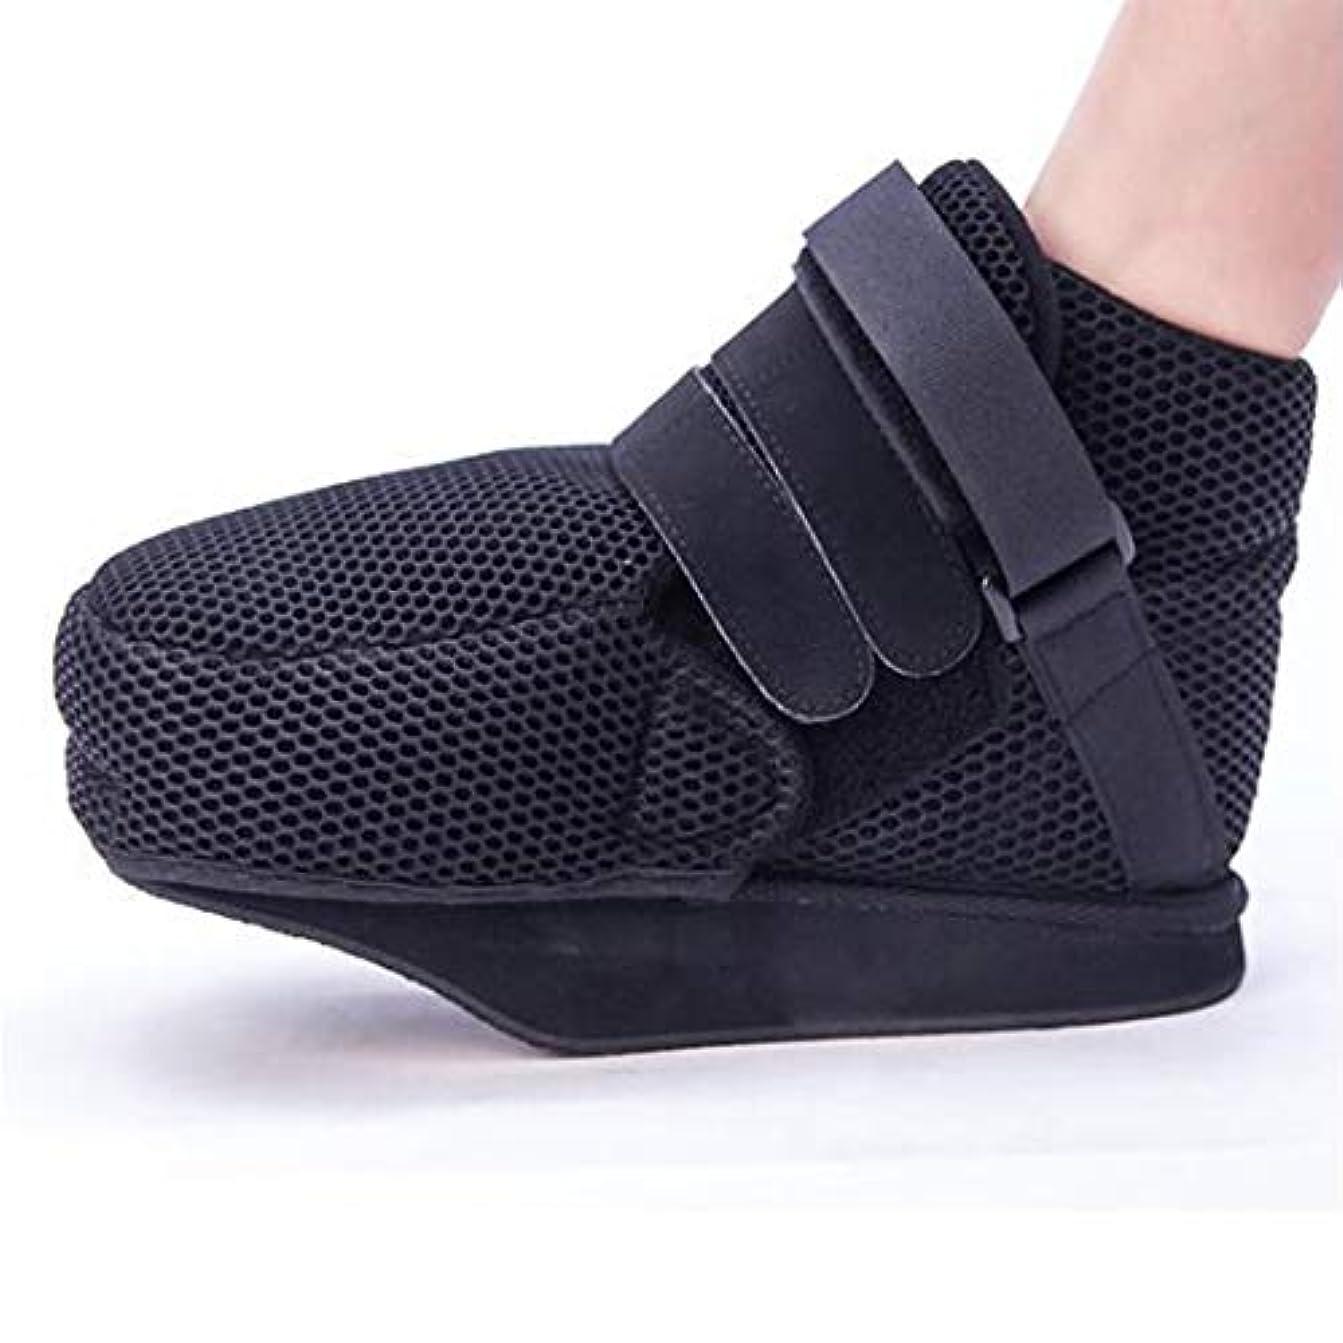 批判する驚いたことに知り合い医療足骨折石膏の回復靴の手術後のつま先の靴を安定化骨折の靴を調整可能なファスナーで完全なカバー,S24cm